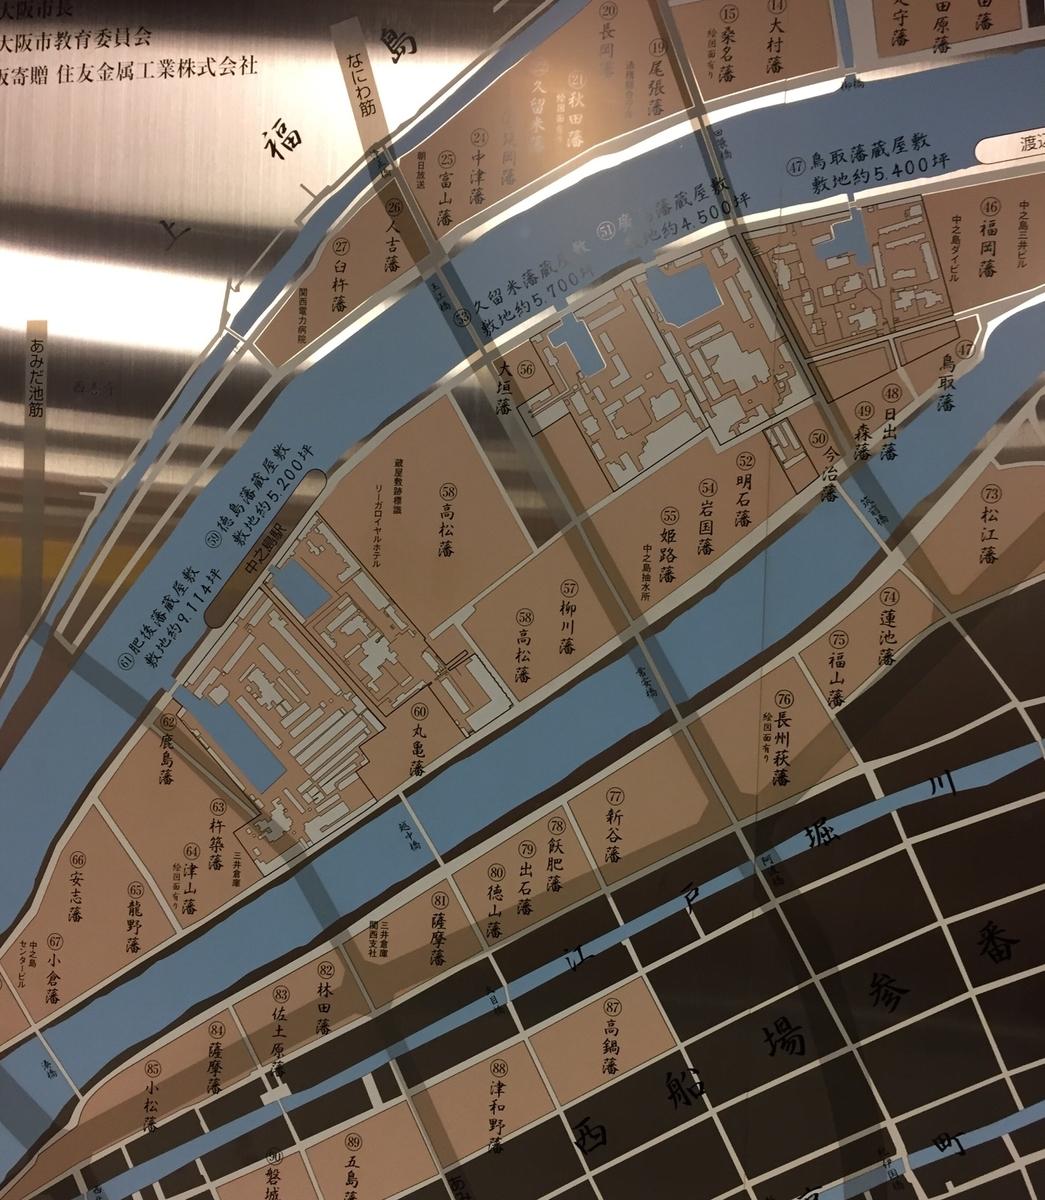 大江橋駅コンコースのの蔵屋敷分布図